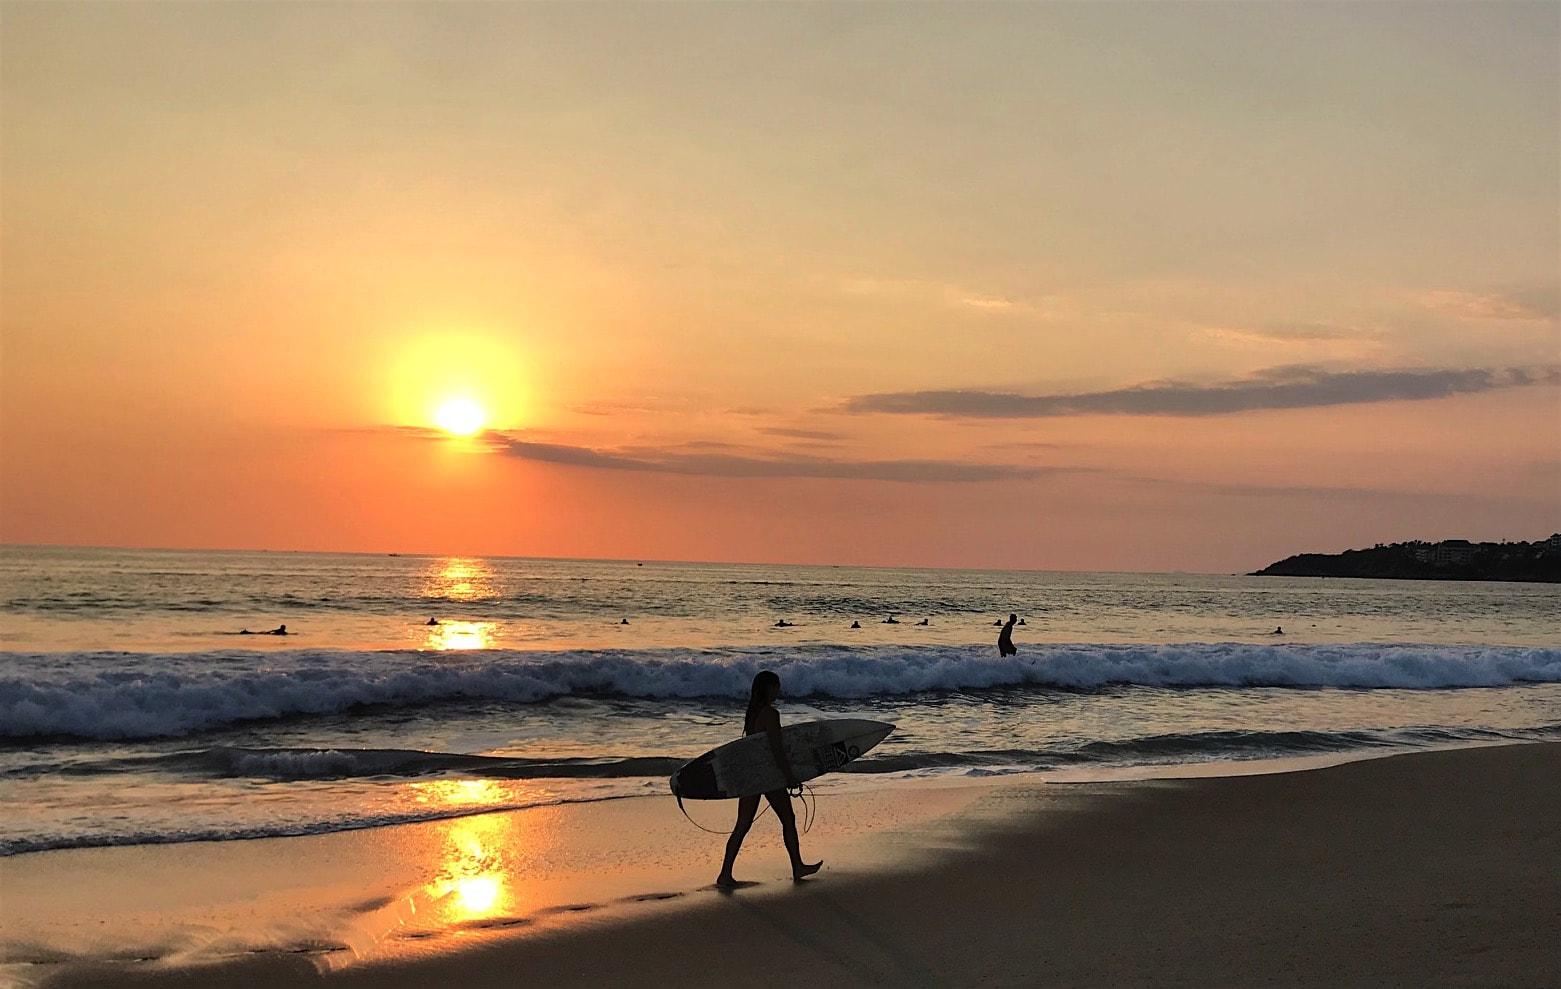 Sunset in Puerto Escondido